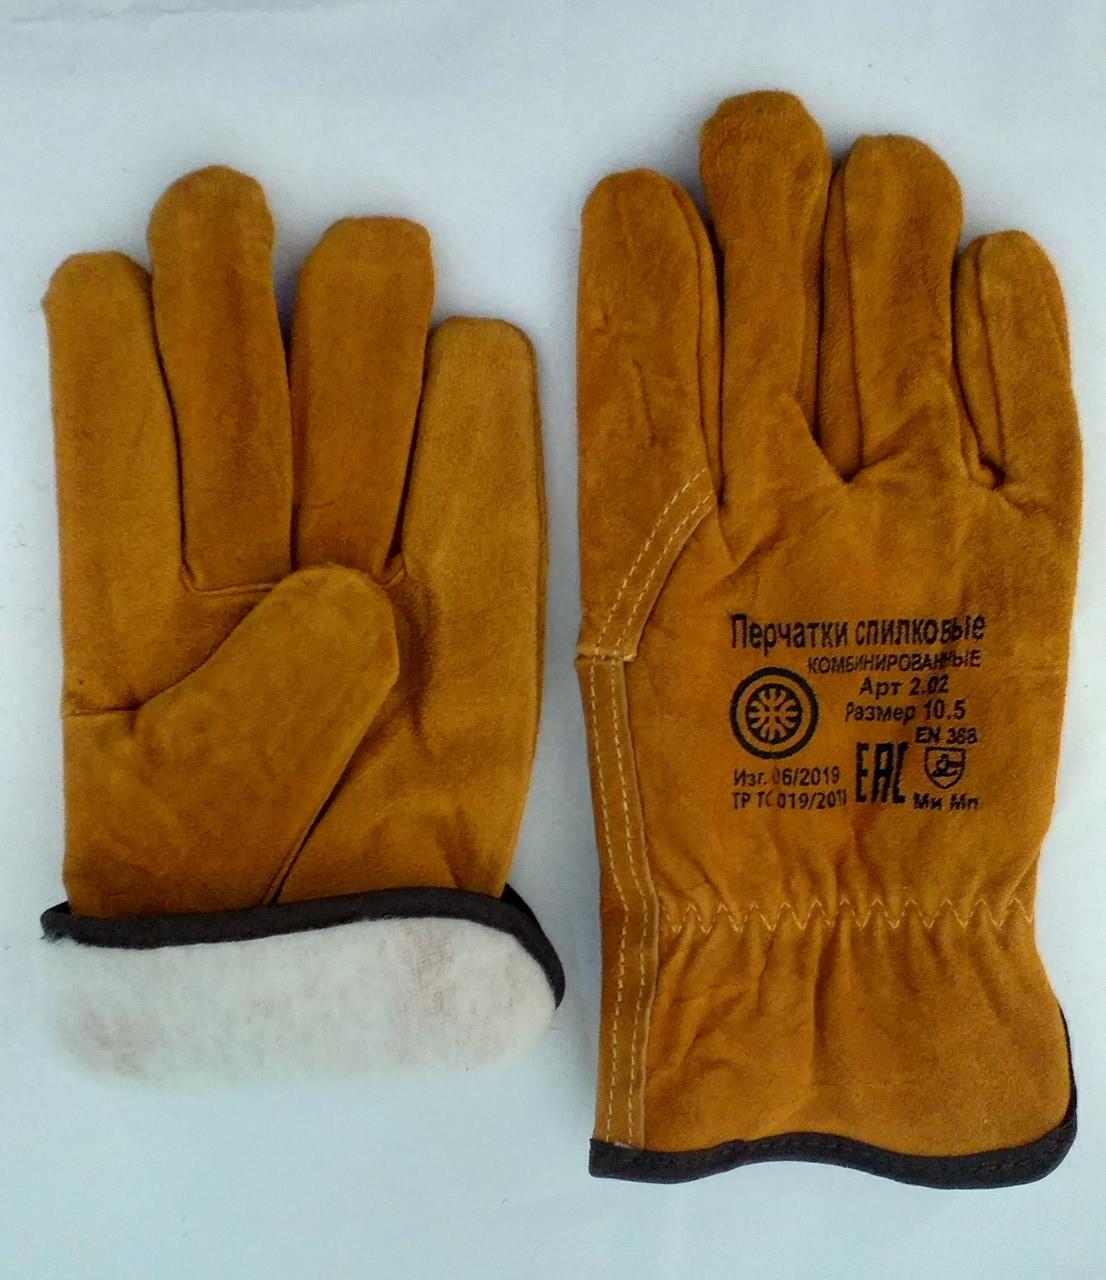 Перчатки спилковые Зимние, утепленные (короткие)